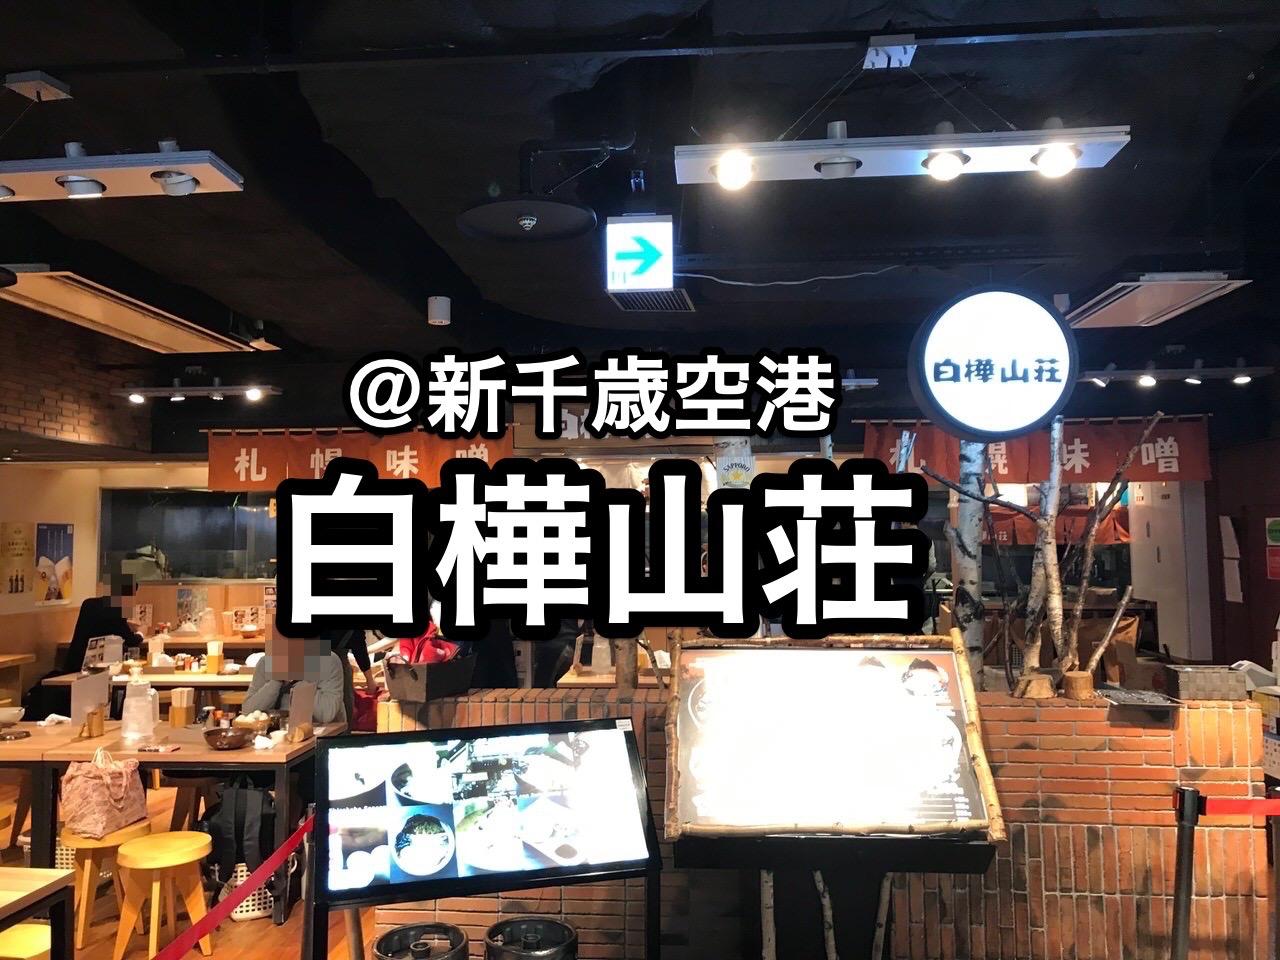 「白樺山荘 新千歳空港店」北海道ラーメン道場で老舗の味噌ラーメン